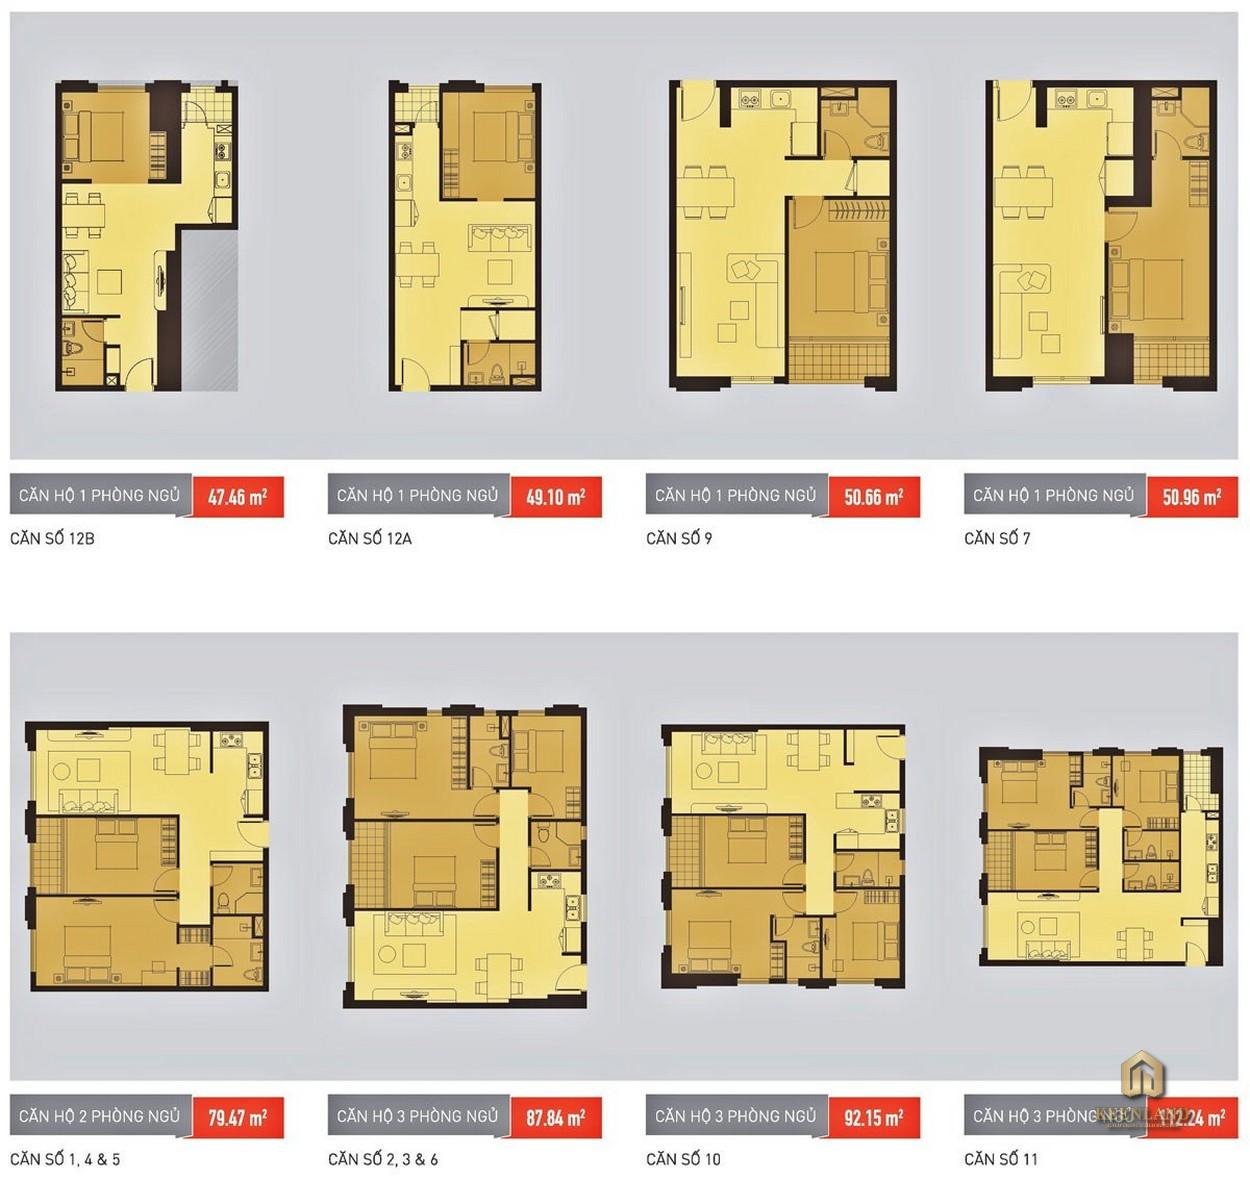 Thiết kế các căn hộ Icon 56 theo diện tích